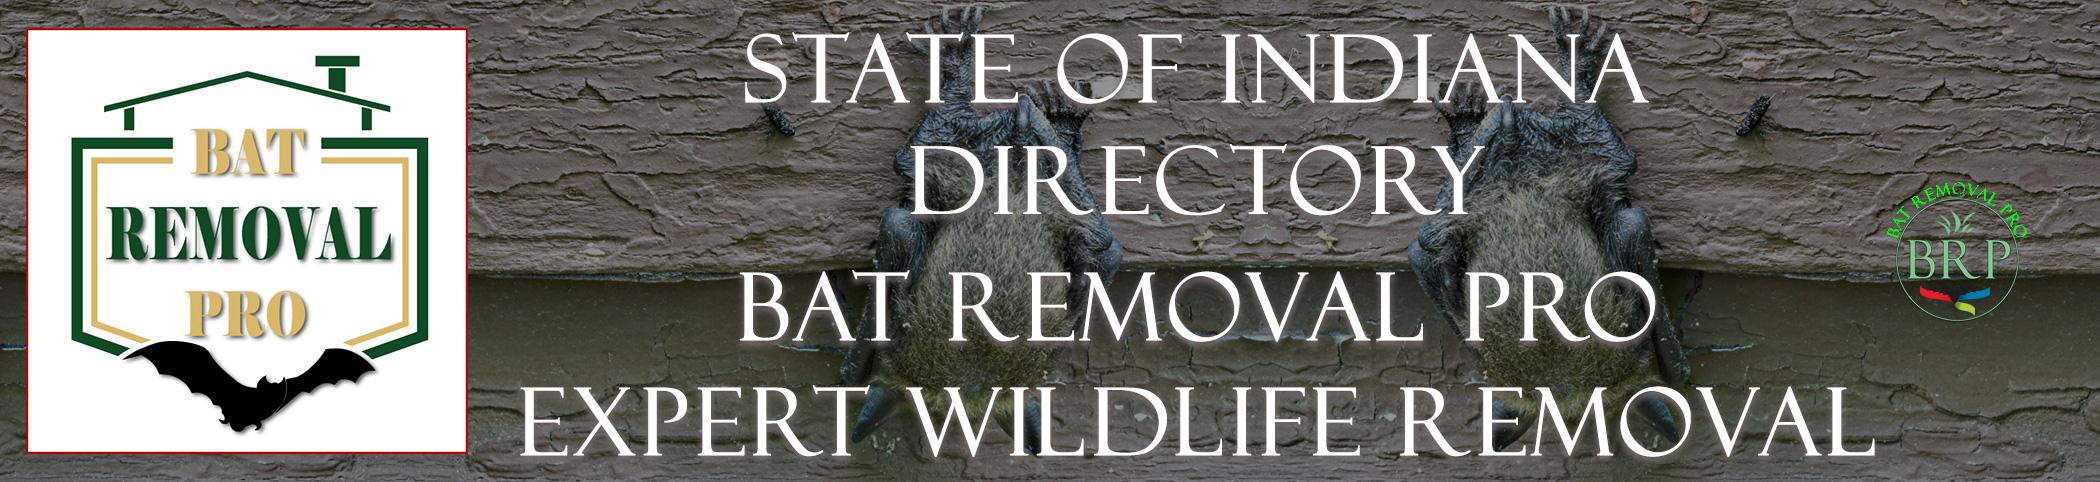 indiana-bat-removal-at-bat-removal-pro-header-image